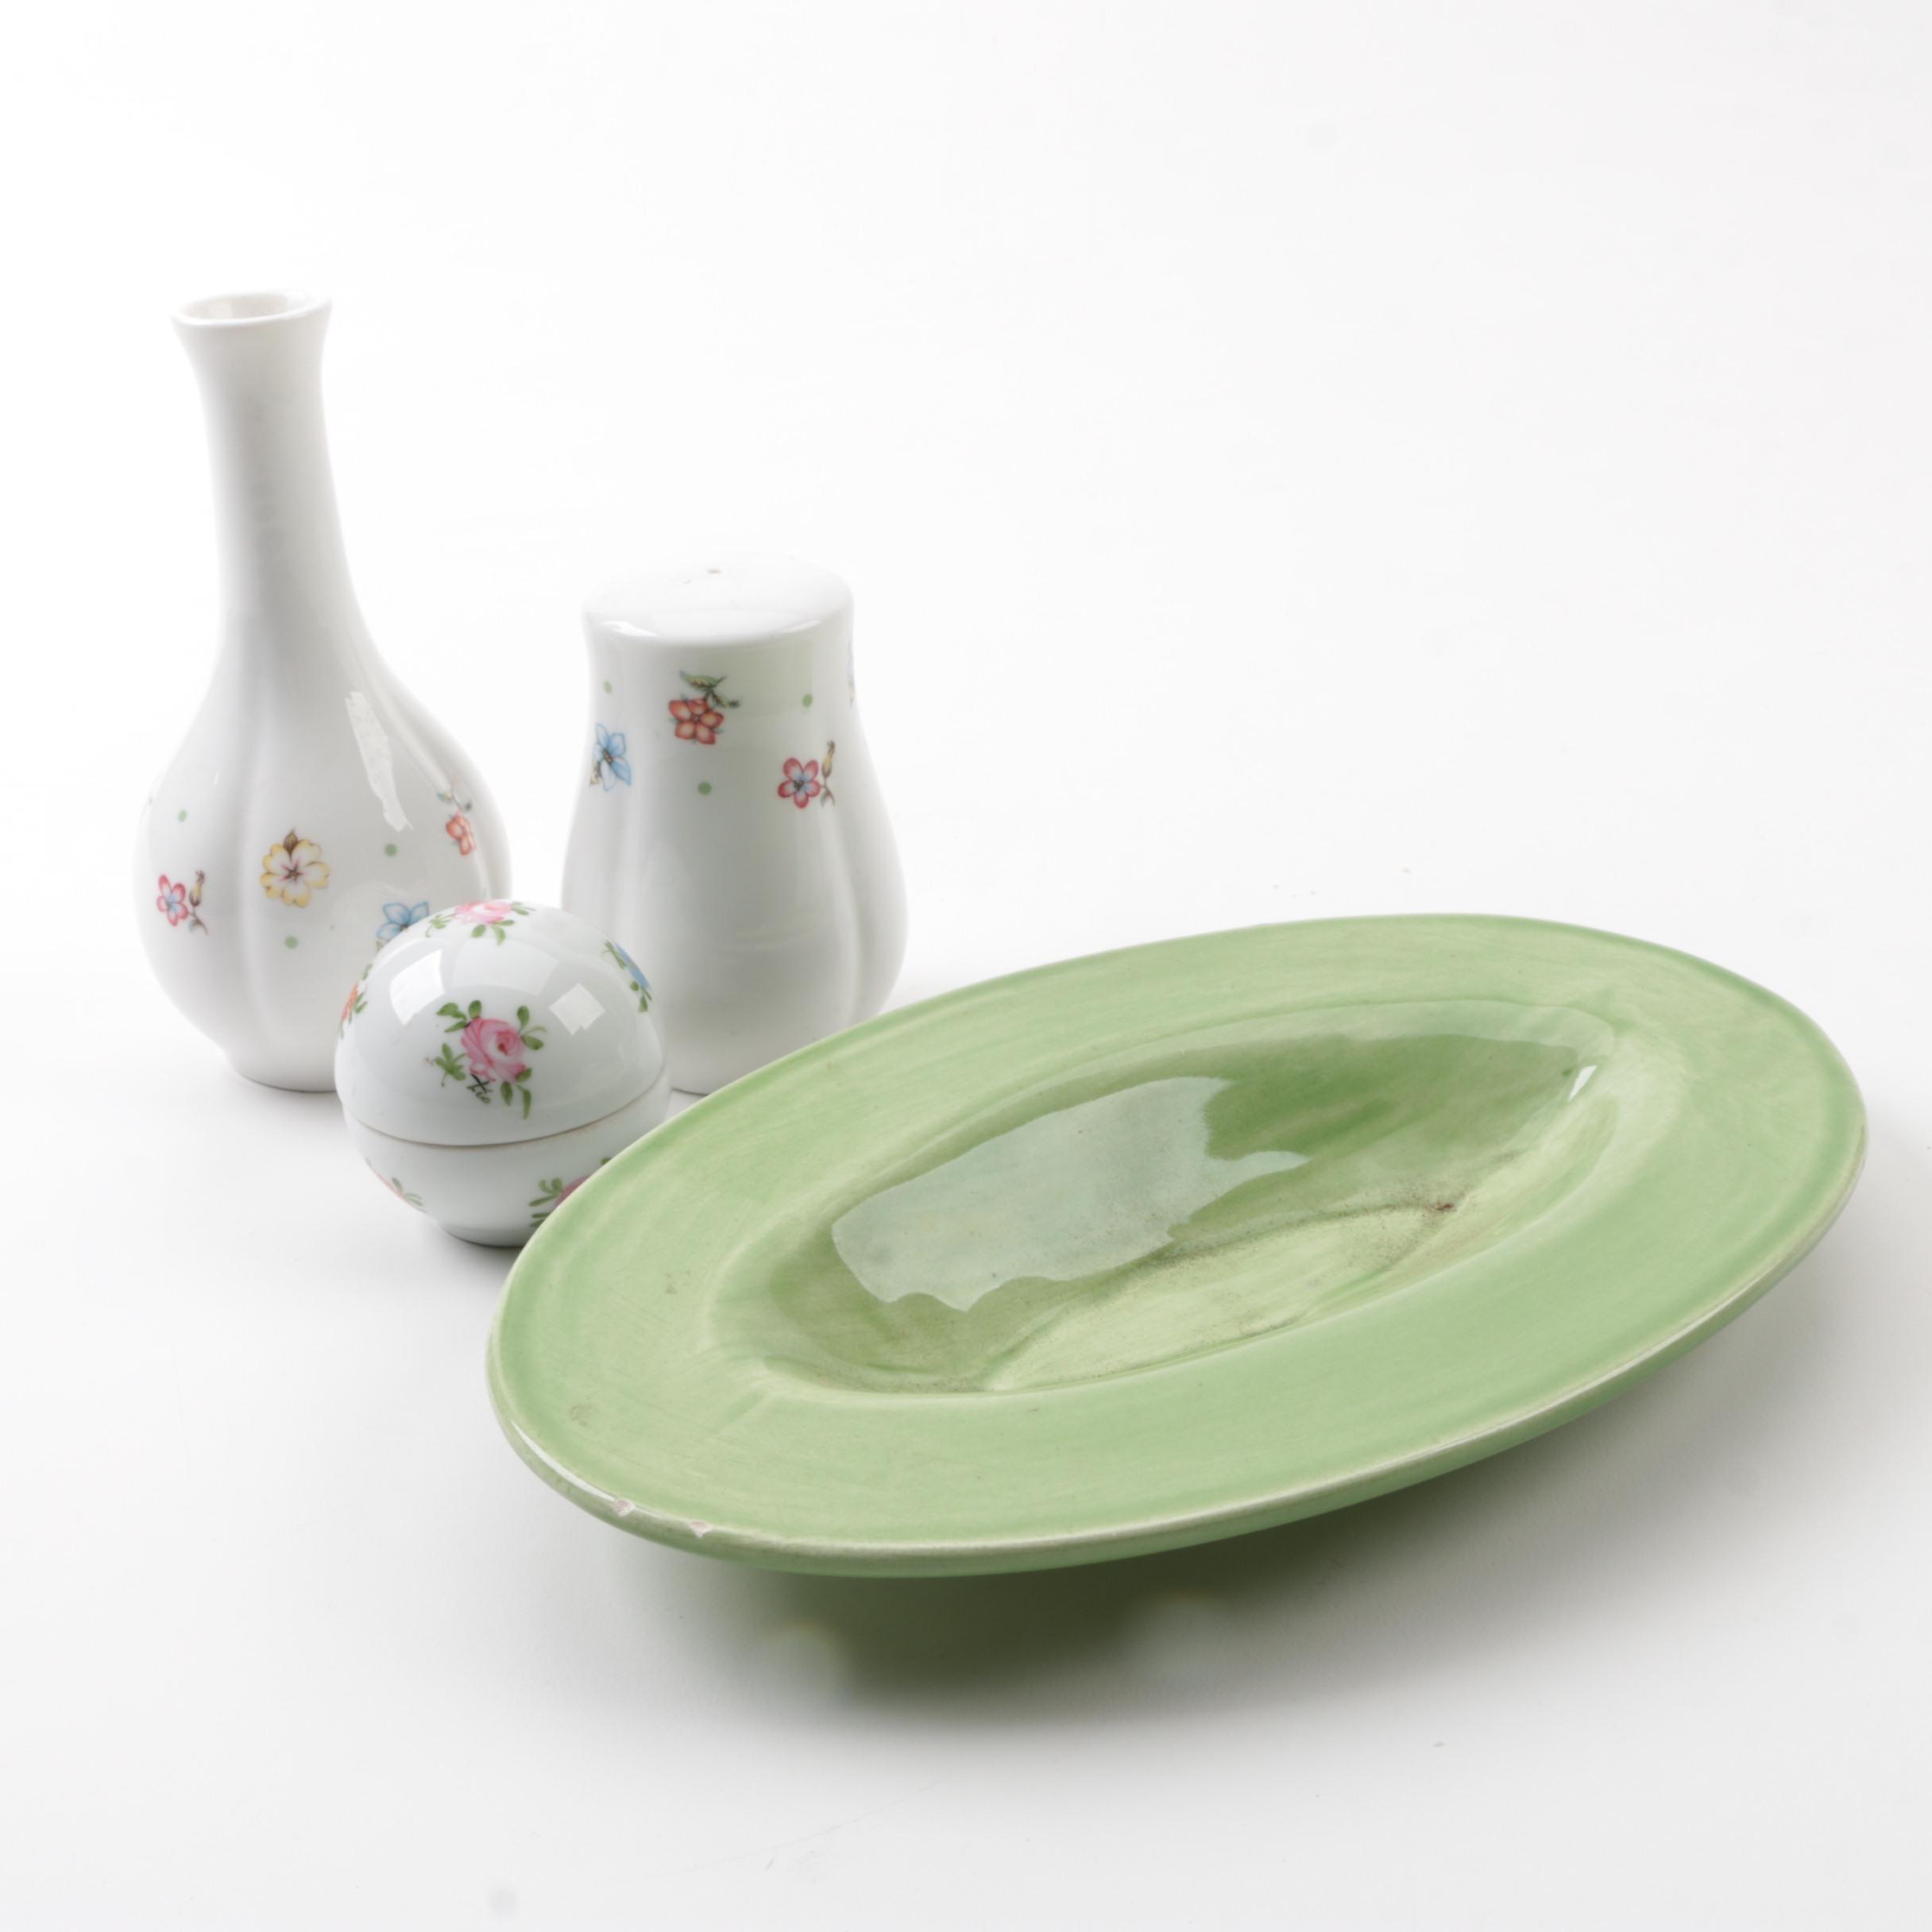 Assorted Ceramic Decor